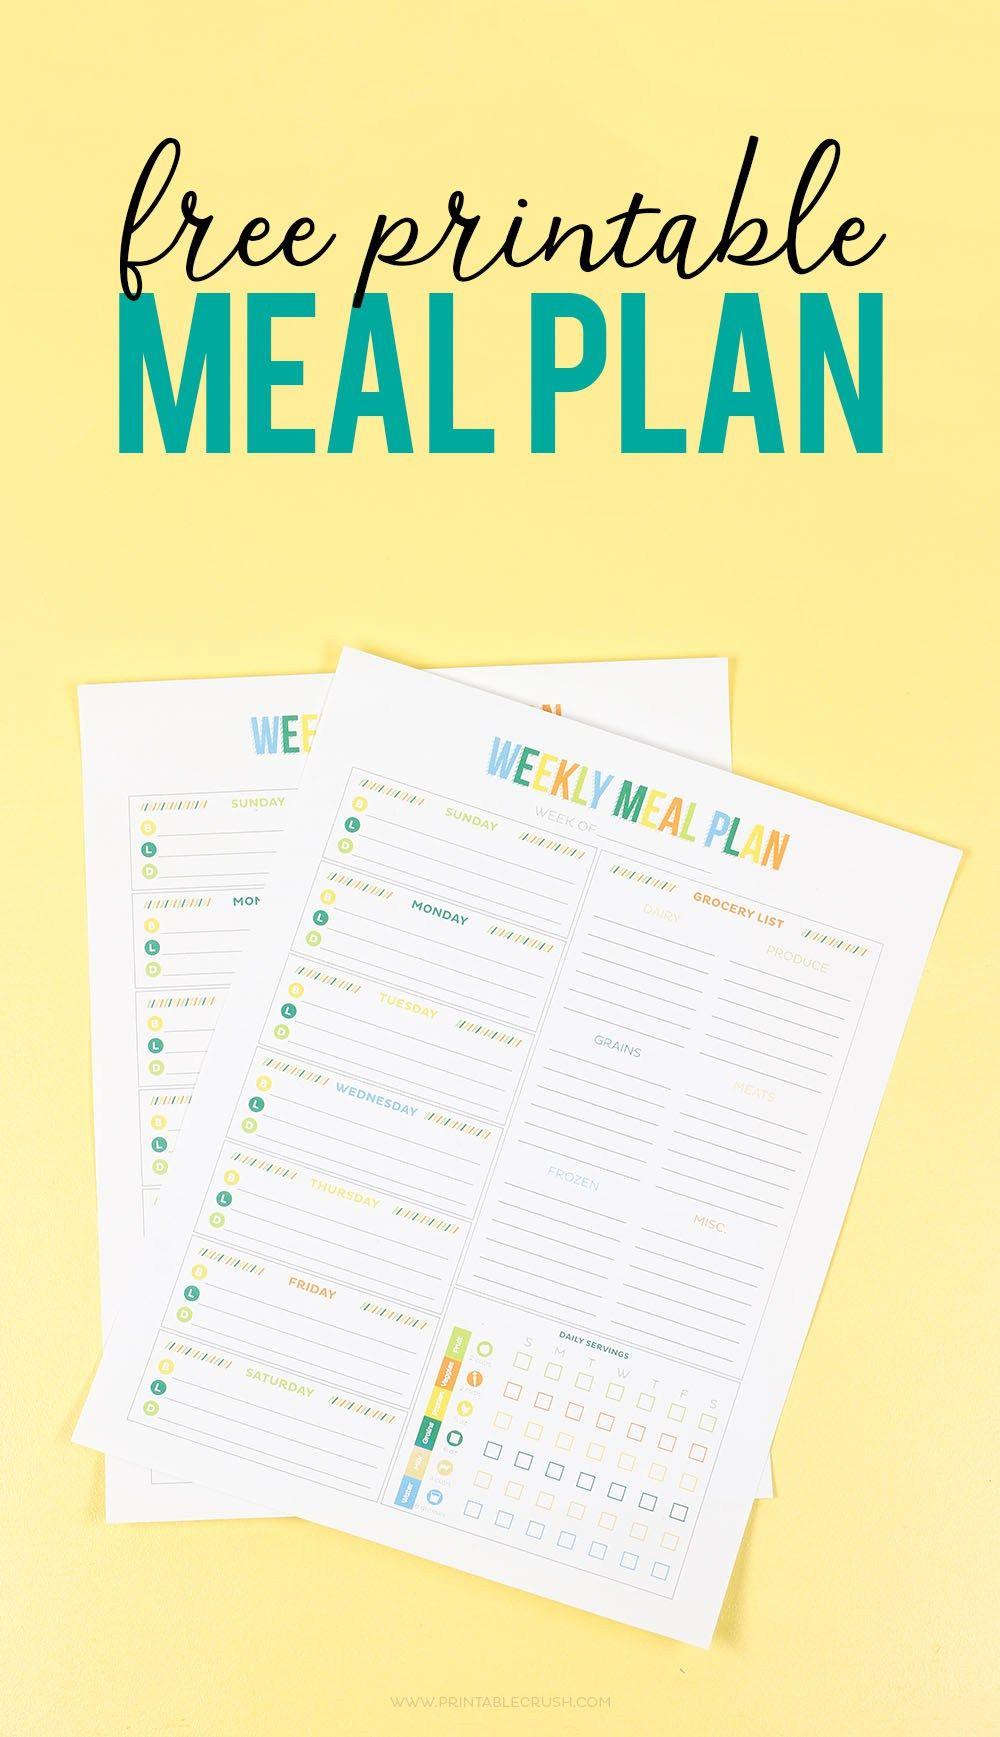 Free printable weekly meal planner weekly meal planner